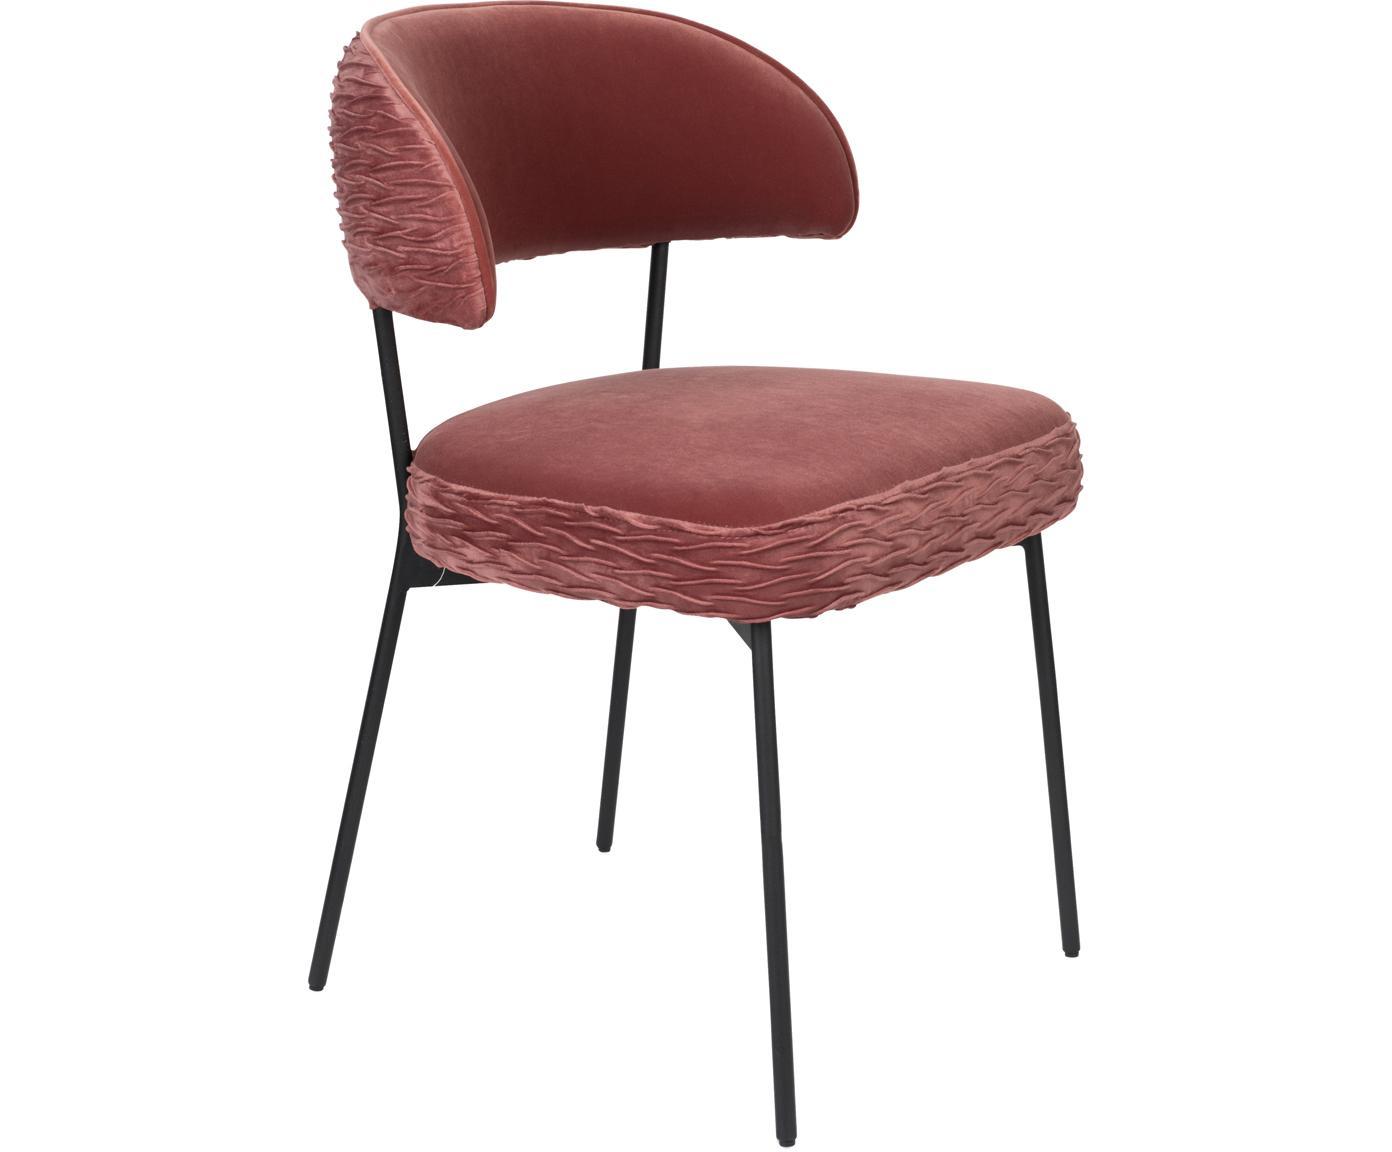 Krzesło tapicerowane z aksamitu The Winner Takes It All, Tapicerka: aksamit poliestrowy 3000, Stelaż: metal malowany proszkowo, Różowy, S 57 x G 56 cm